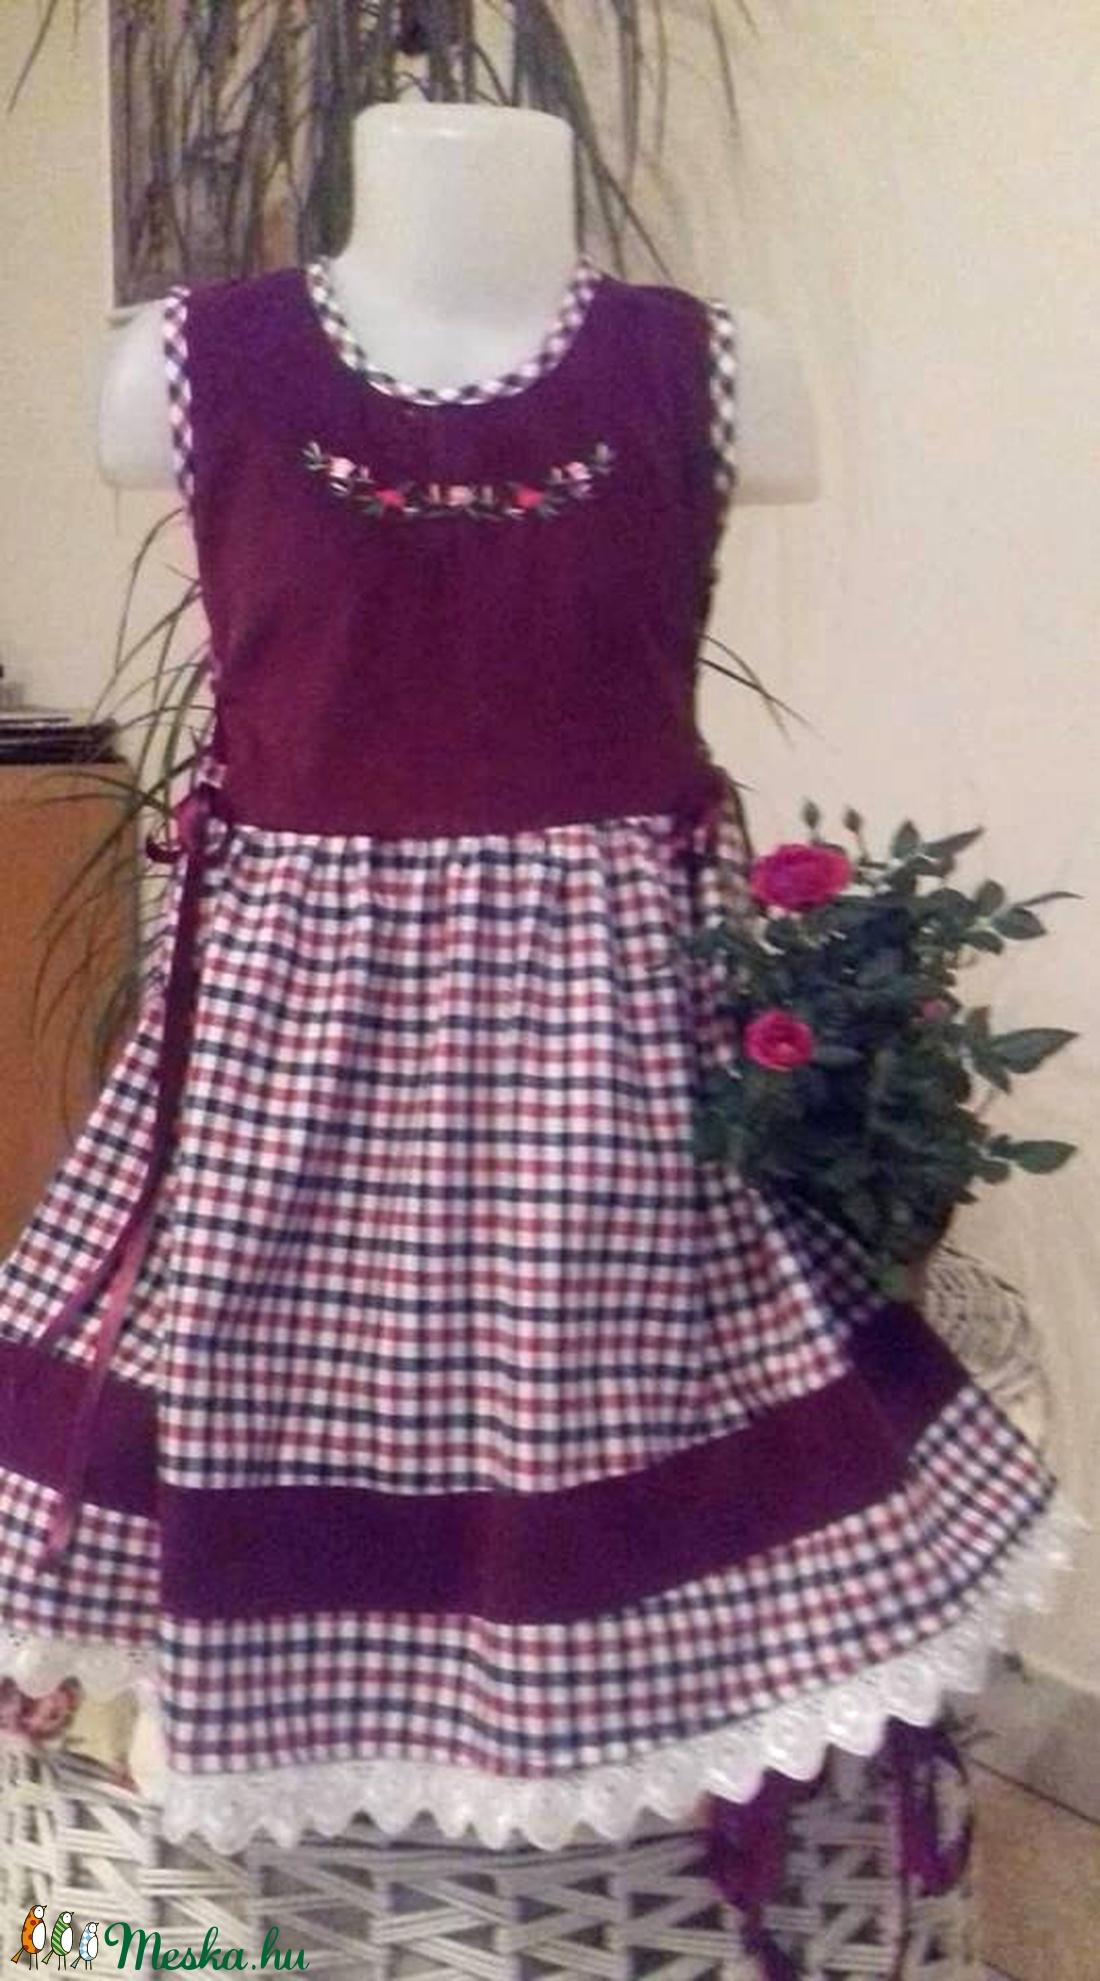 Kordbársony lányka ruha (peteryeva) - Meska.hu 9109fc9de1